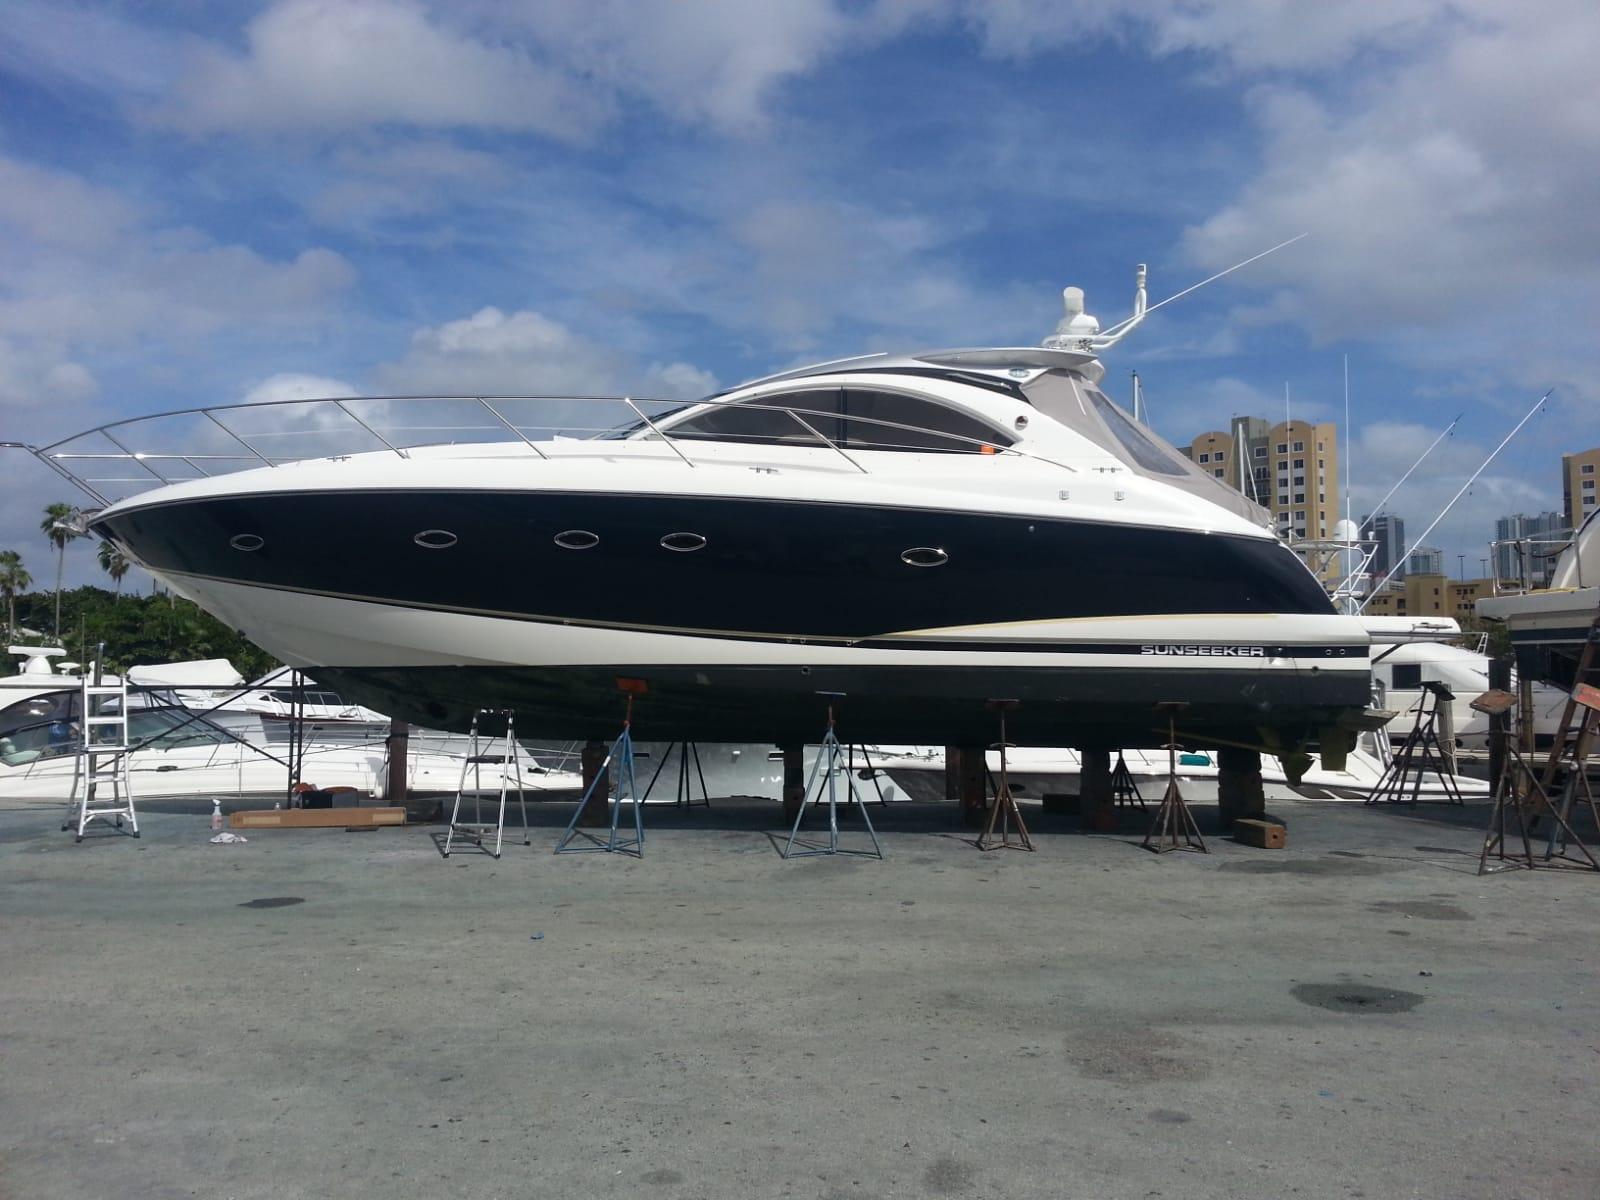 Sunseeker Boat Wrap